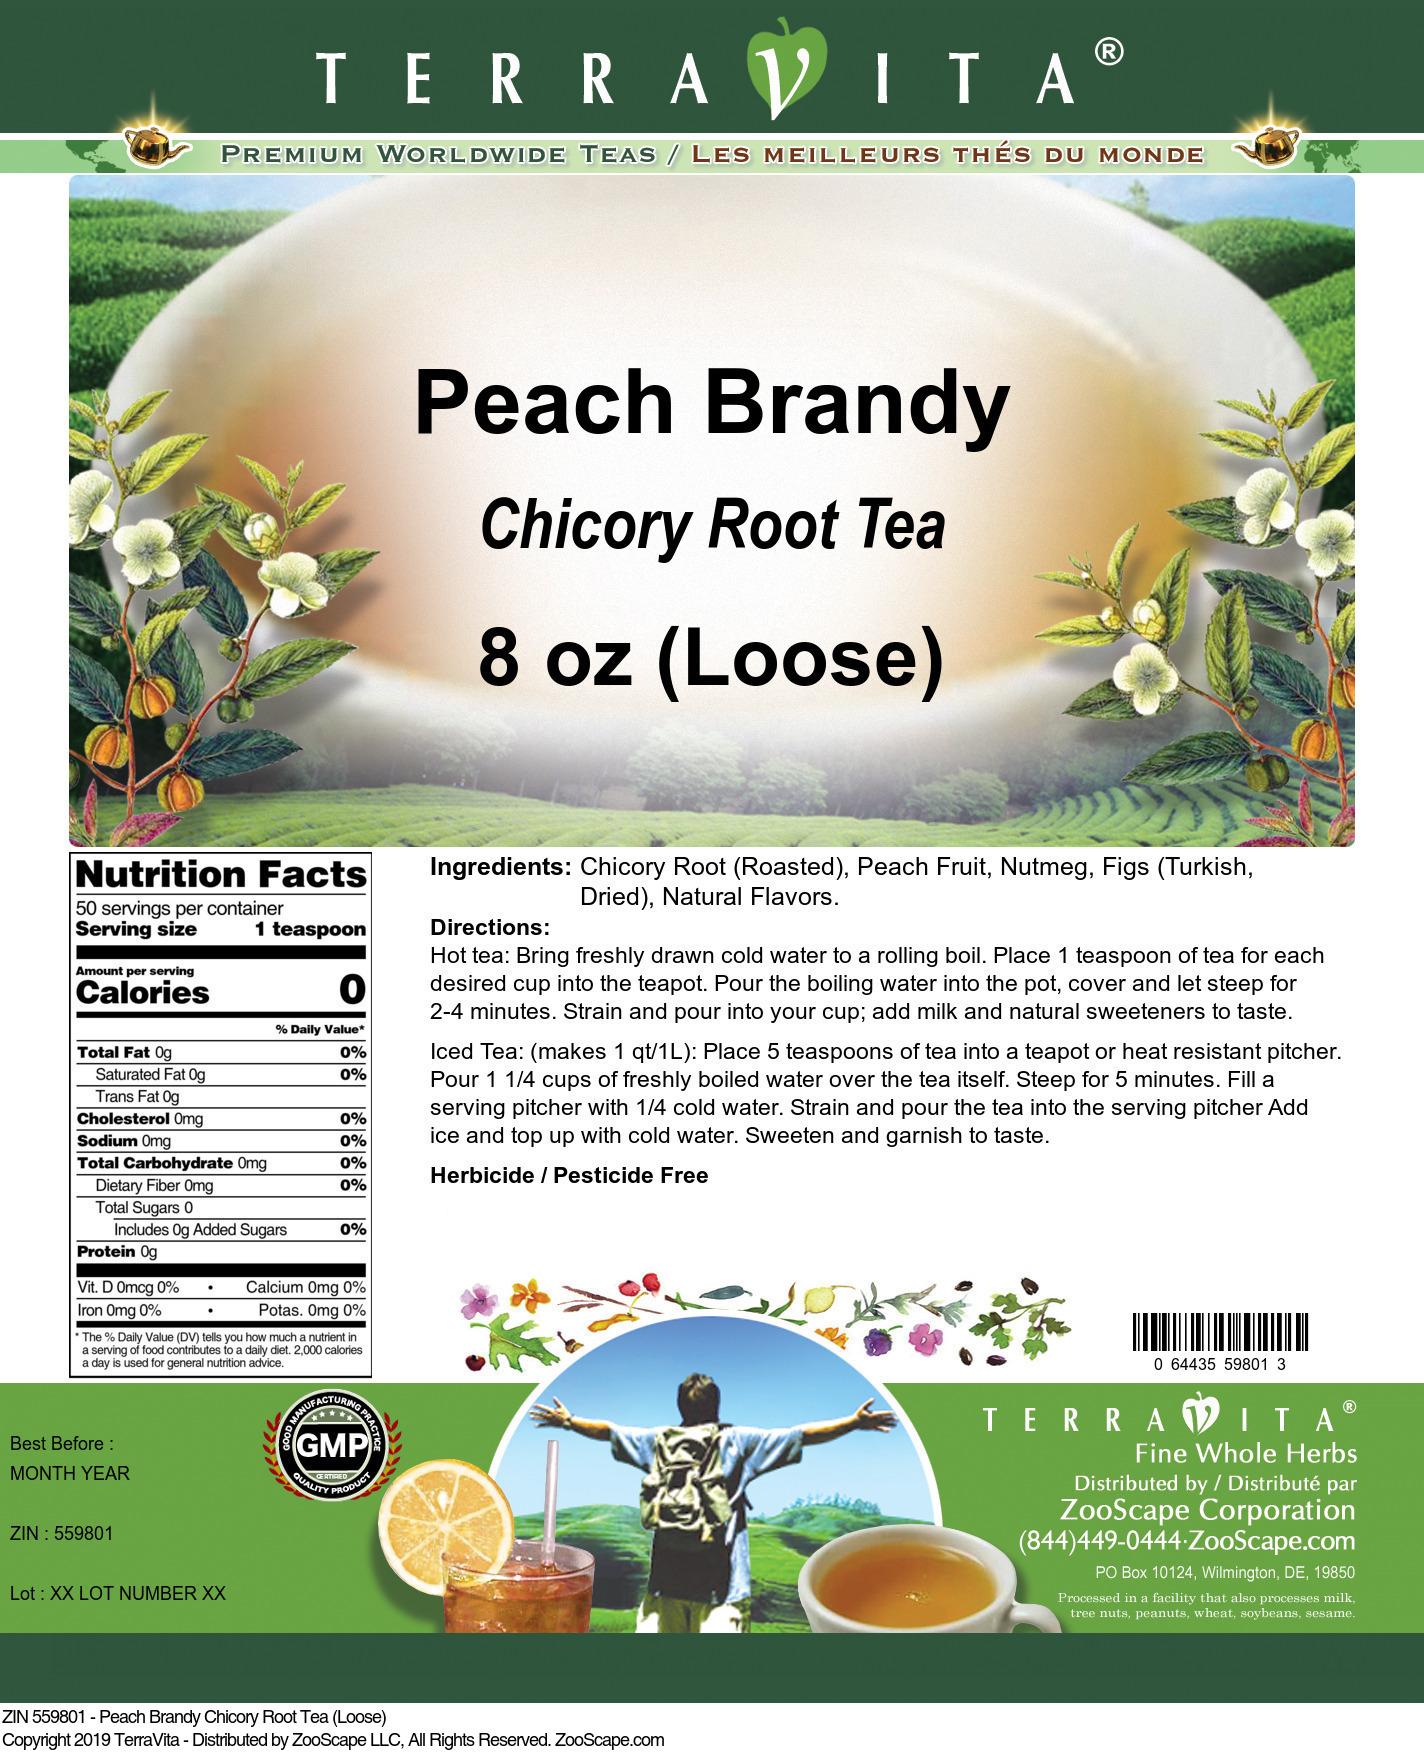 Peach Brandy Chicory Root